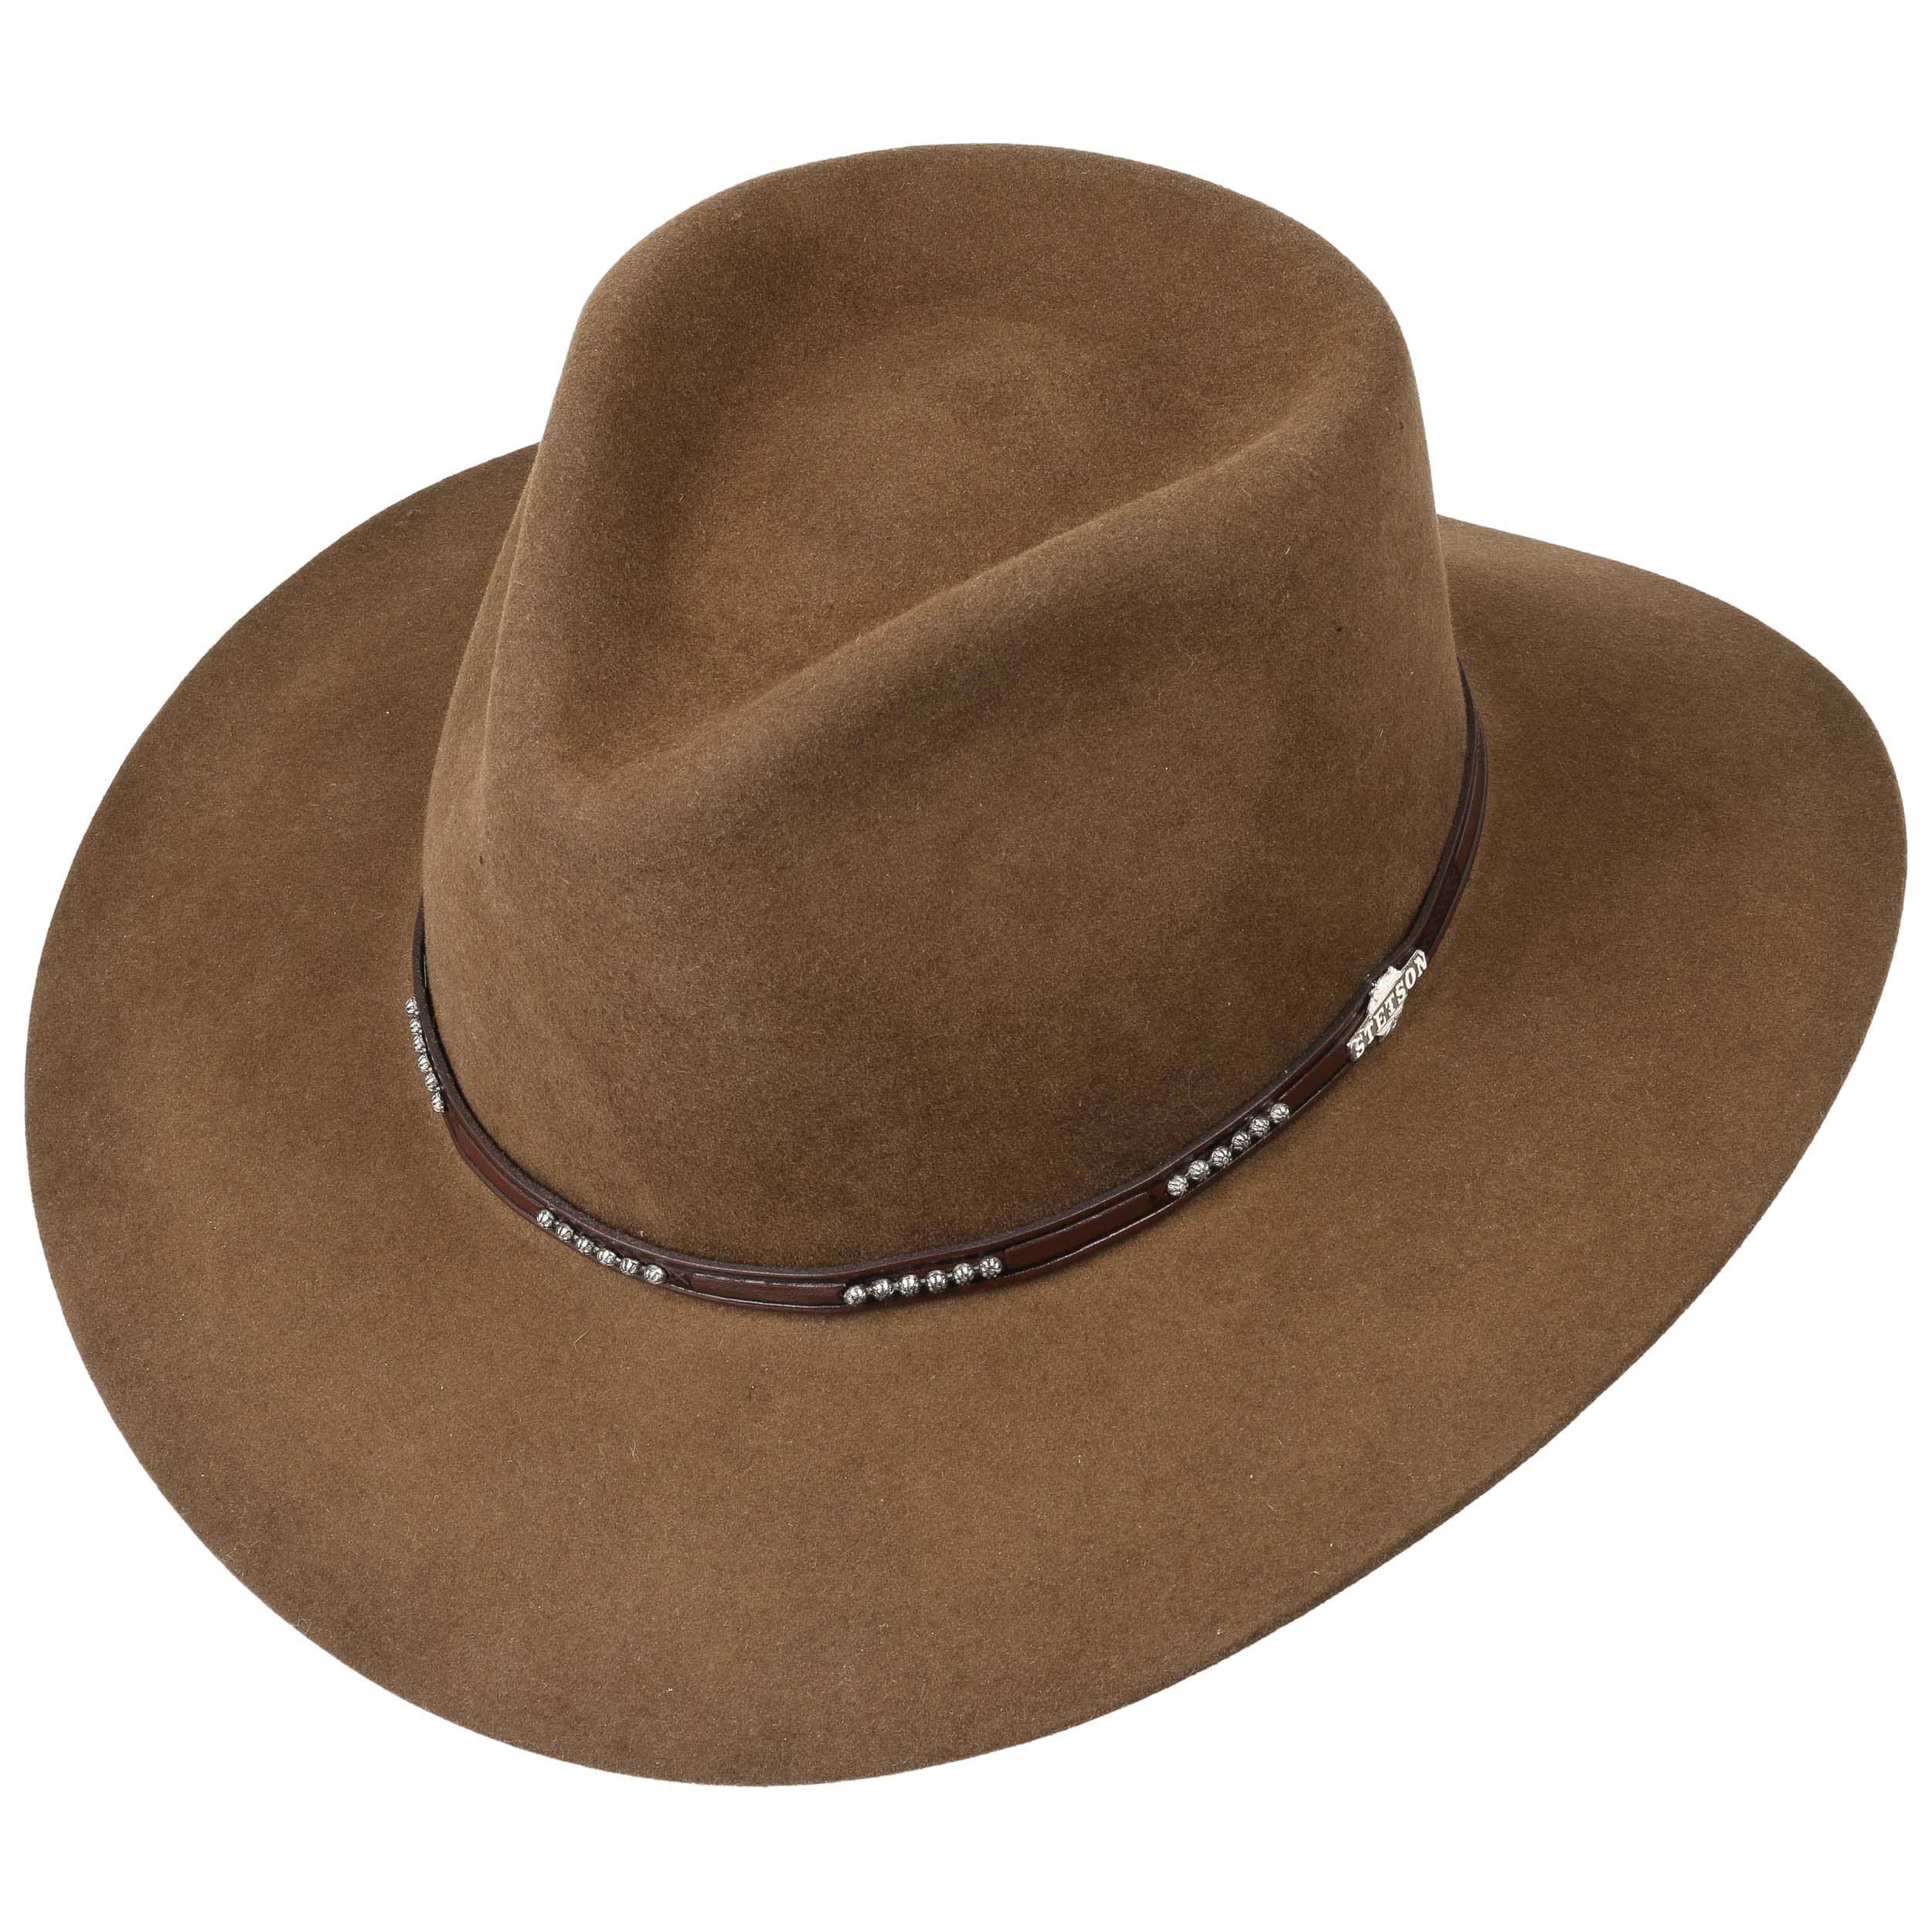 e76a68d510e55 Llano 4X Fur Felt Western Hat by Stetson - brown 1 ...